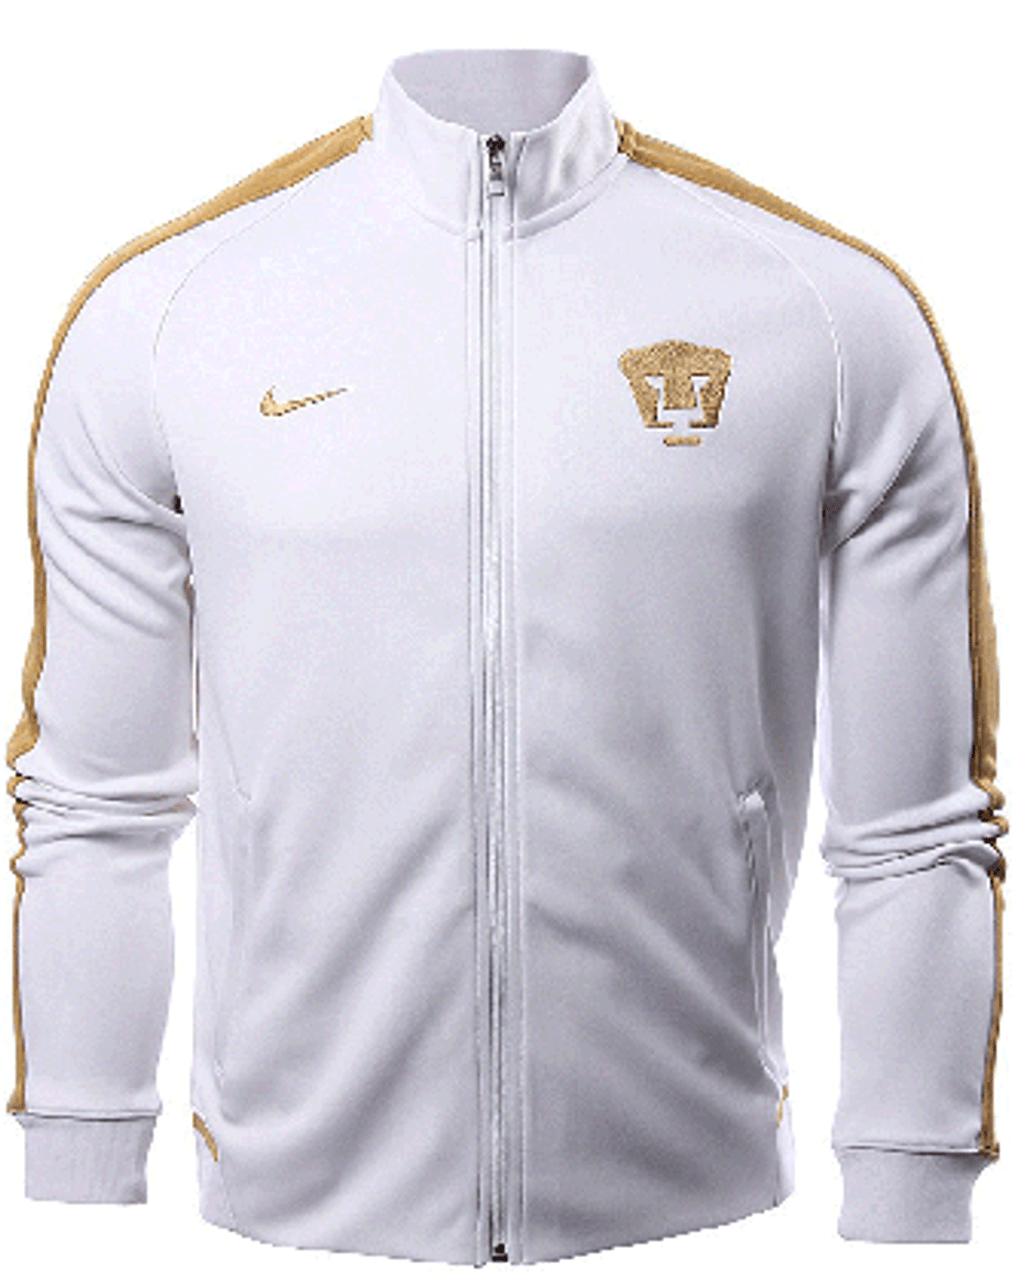 c7dbb3a64 NIKE PUMAS UNAM 2017 N98 JACKET WHITE GOLD - Soccer Plus